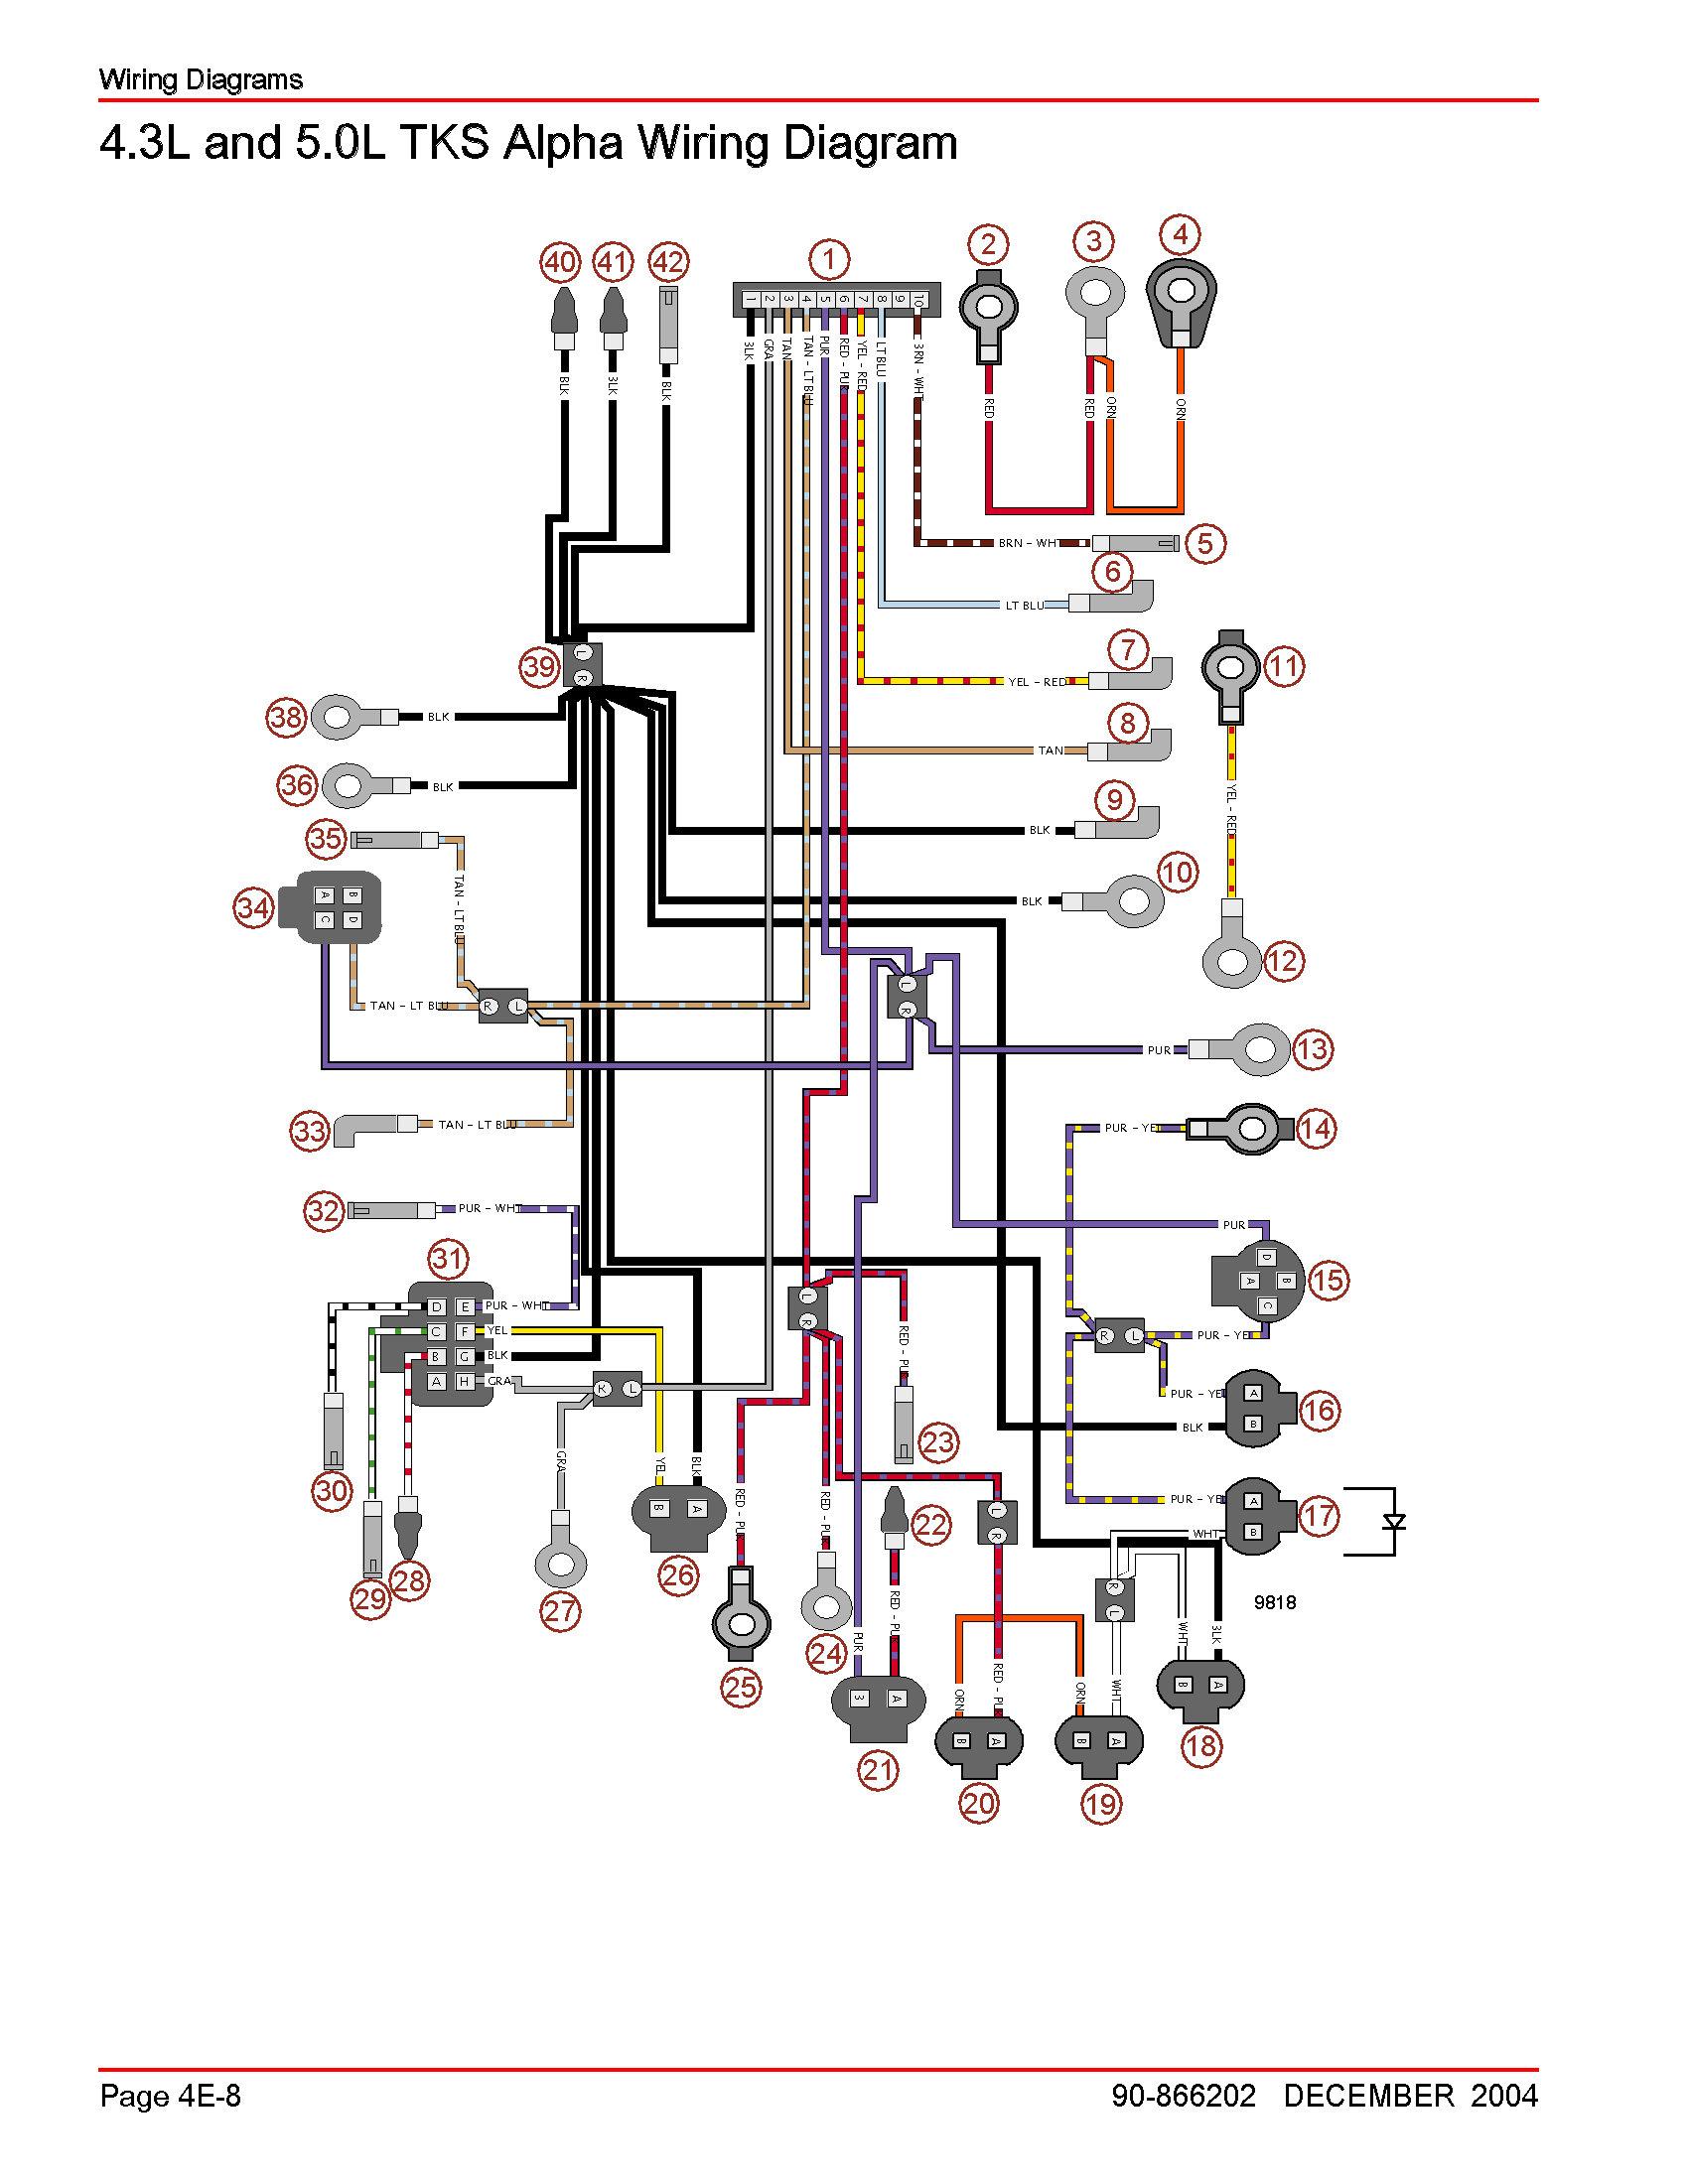 1986 bayliner fuse diagram de 7802  1987 bayliner capri bowrider wiring diagram wiring diagram  1987 bayliner capri bowrider wiring